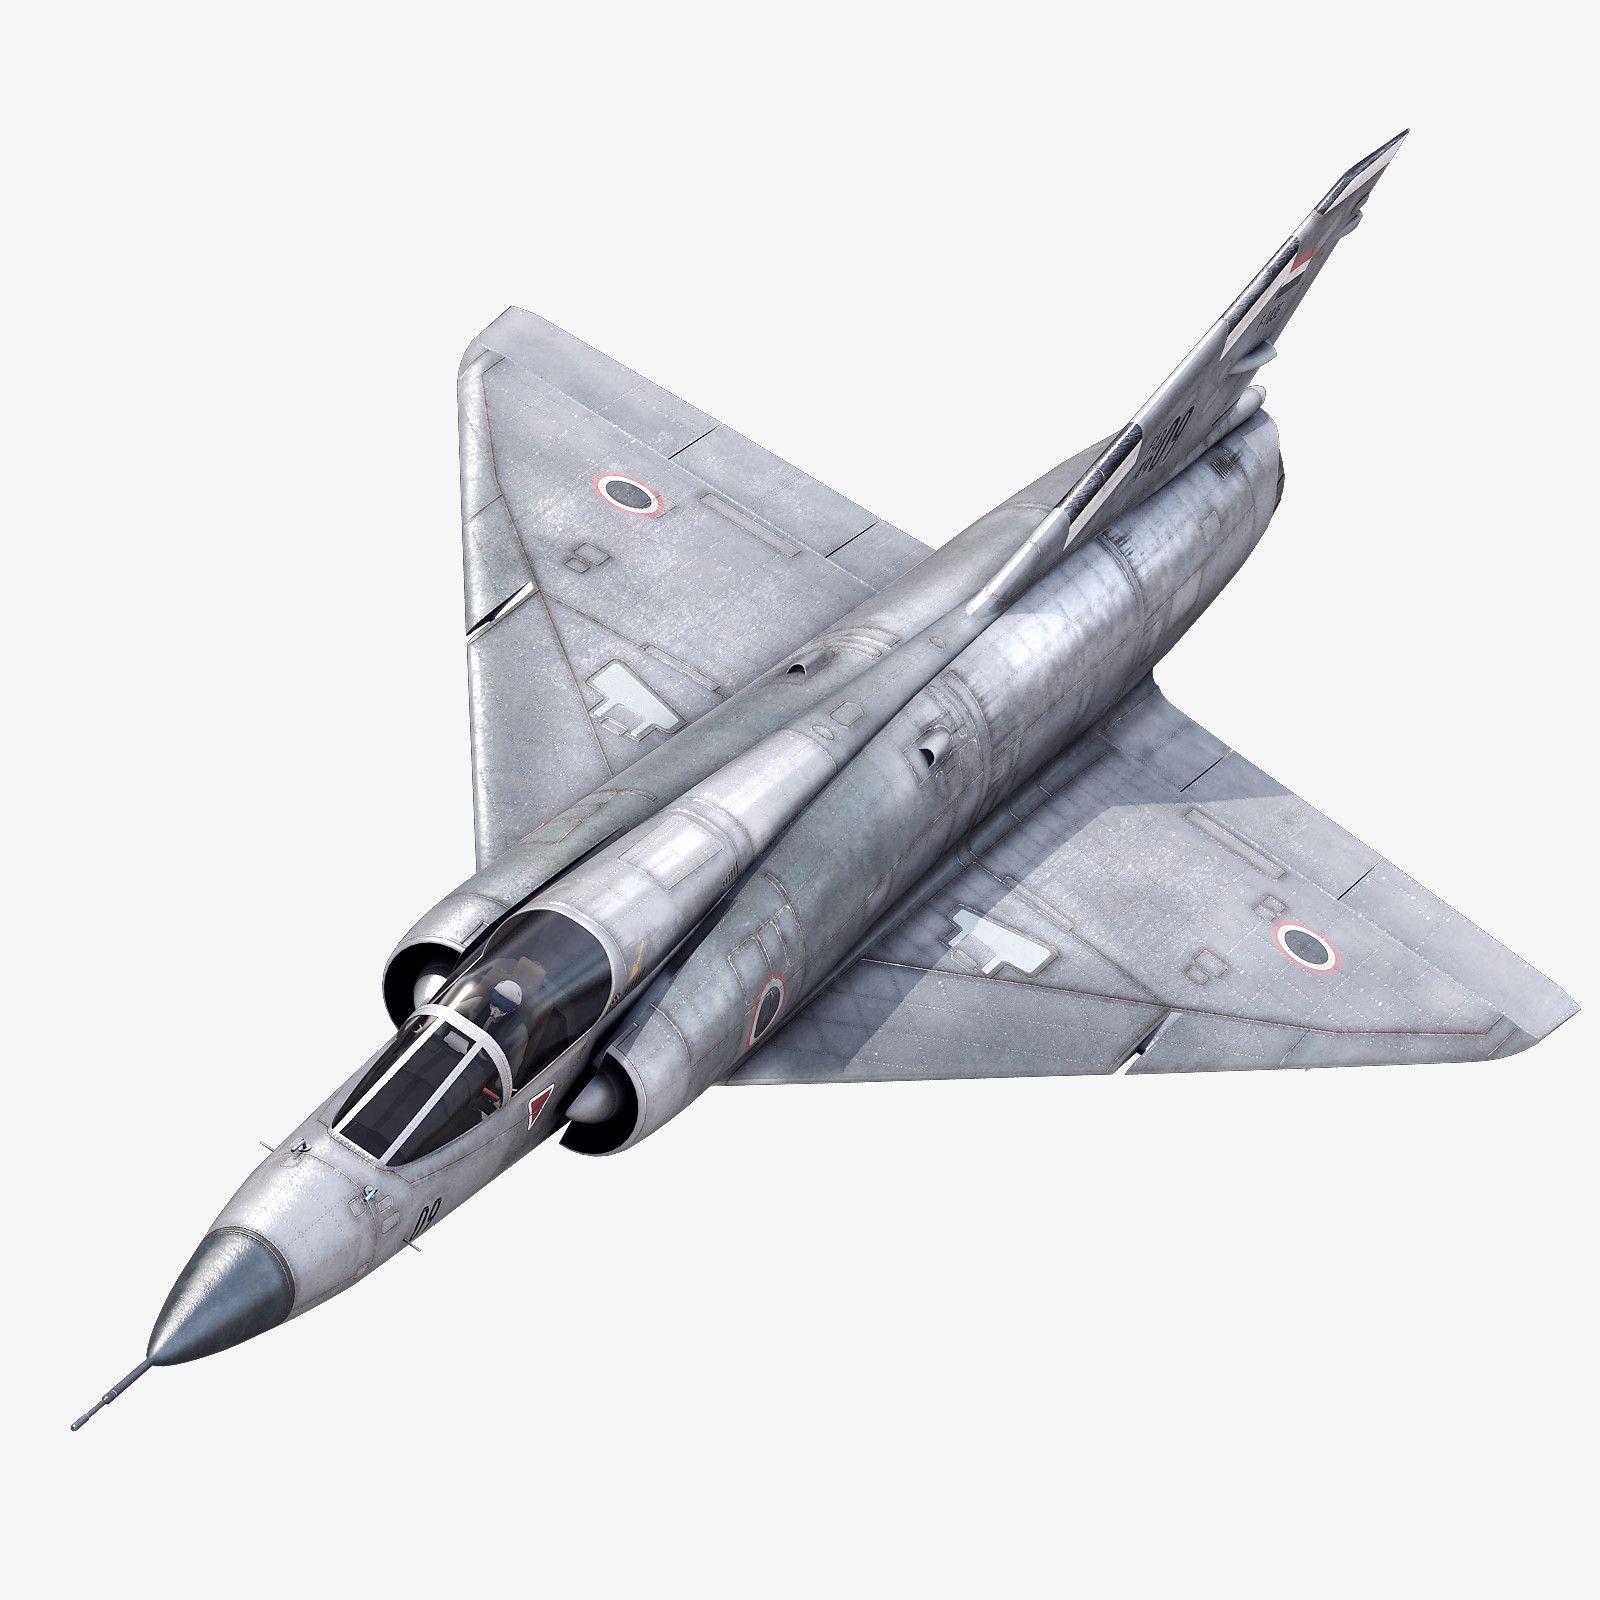 Dassault Mirage Iii 3D 3Ds - 3D Model